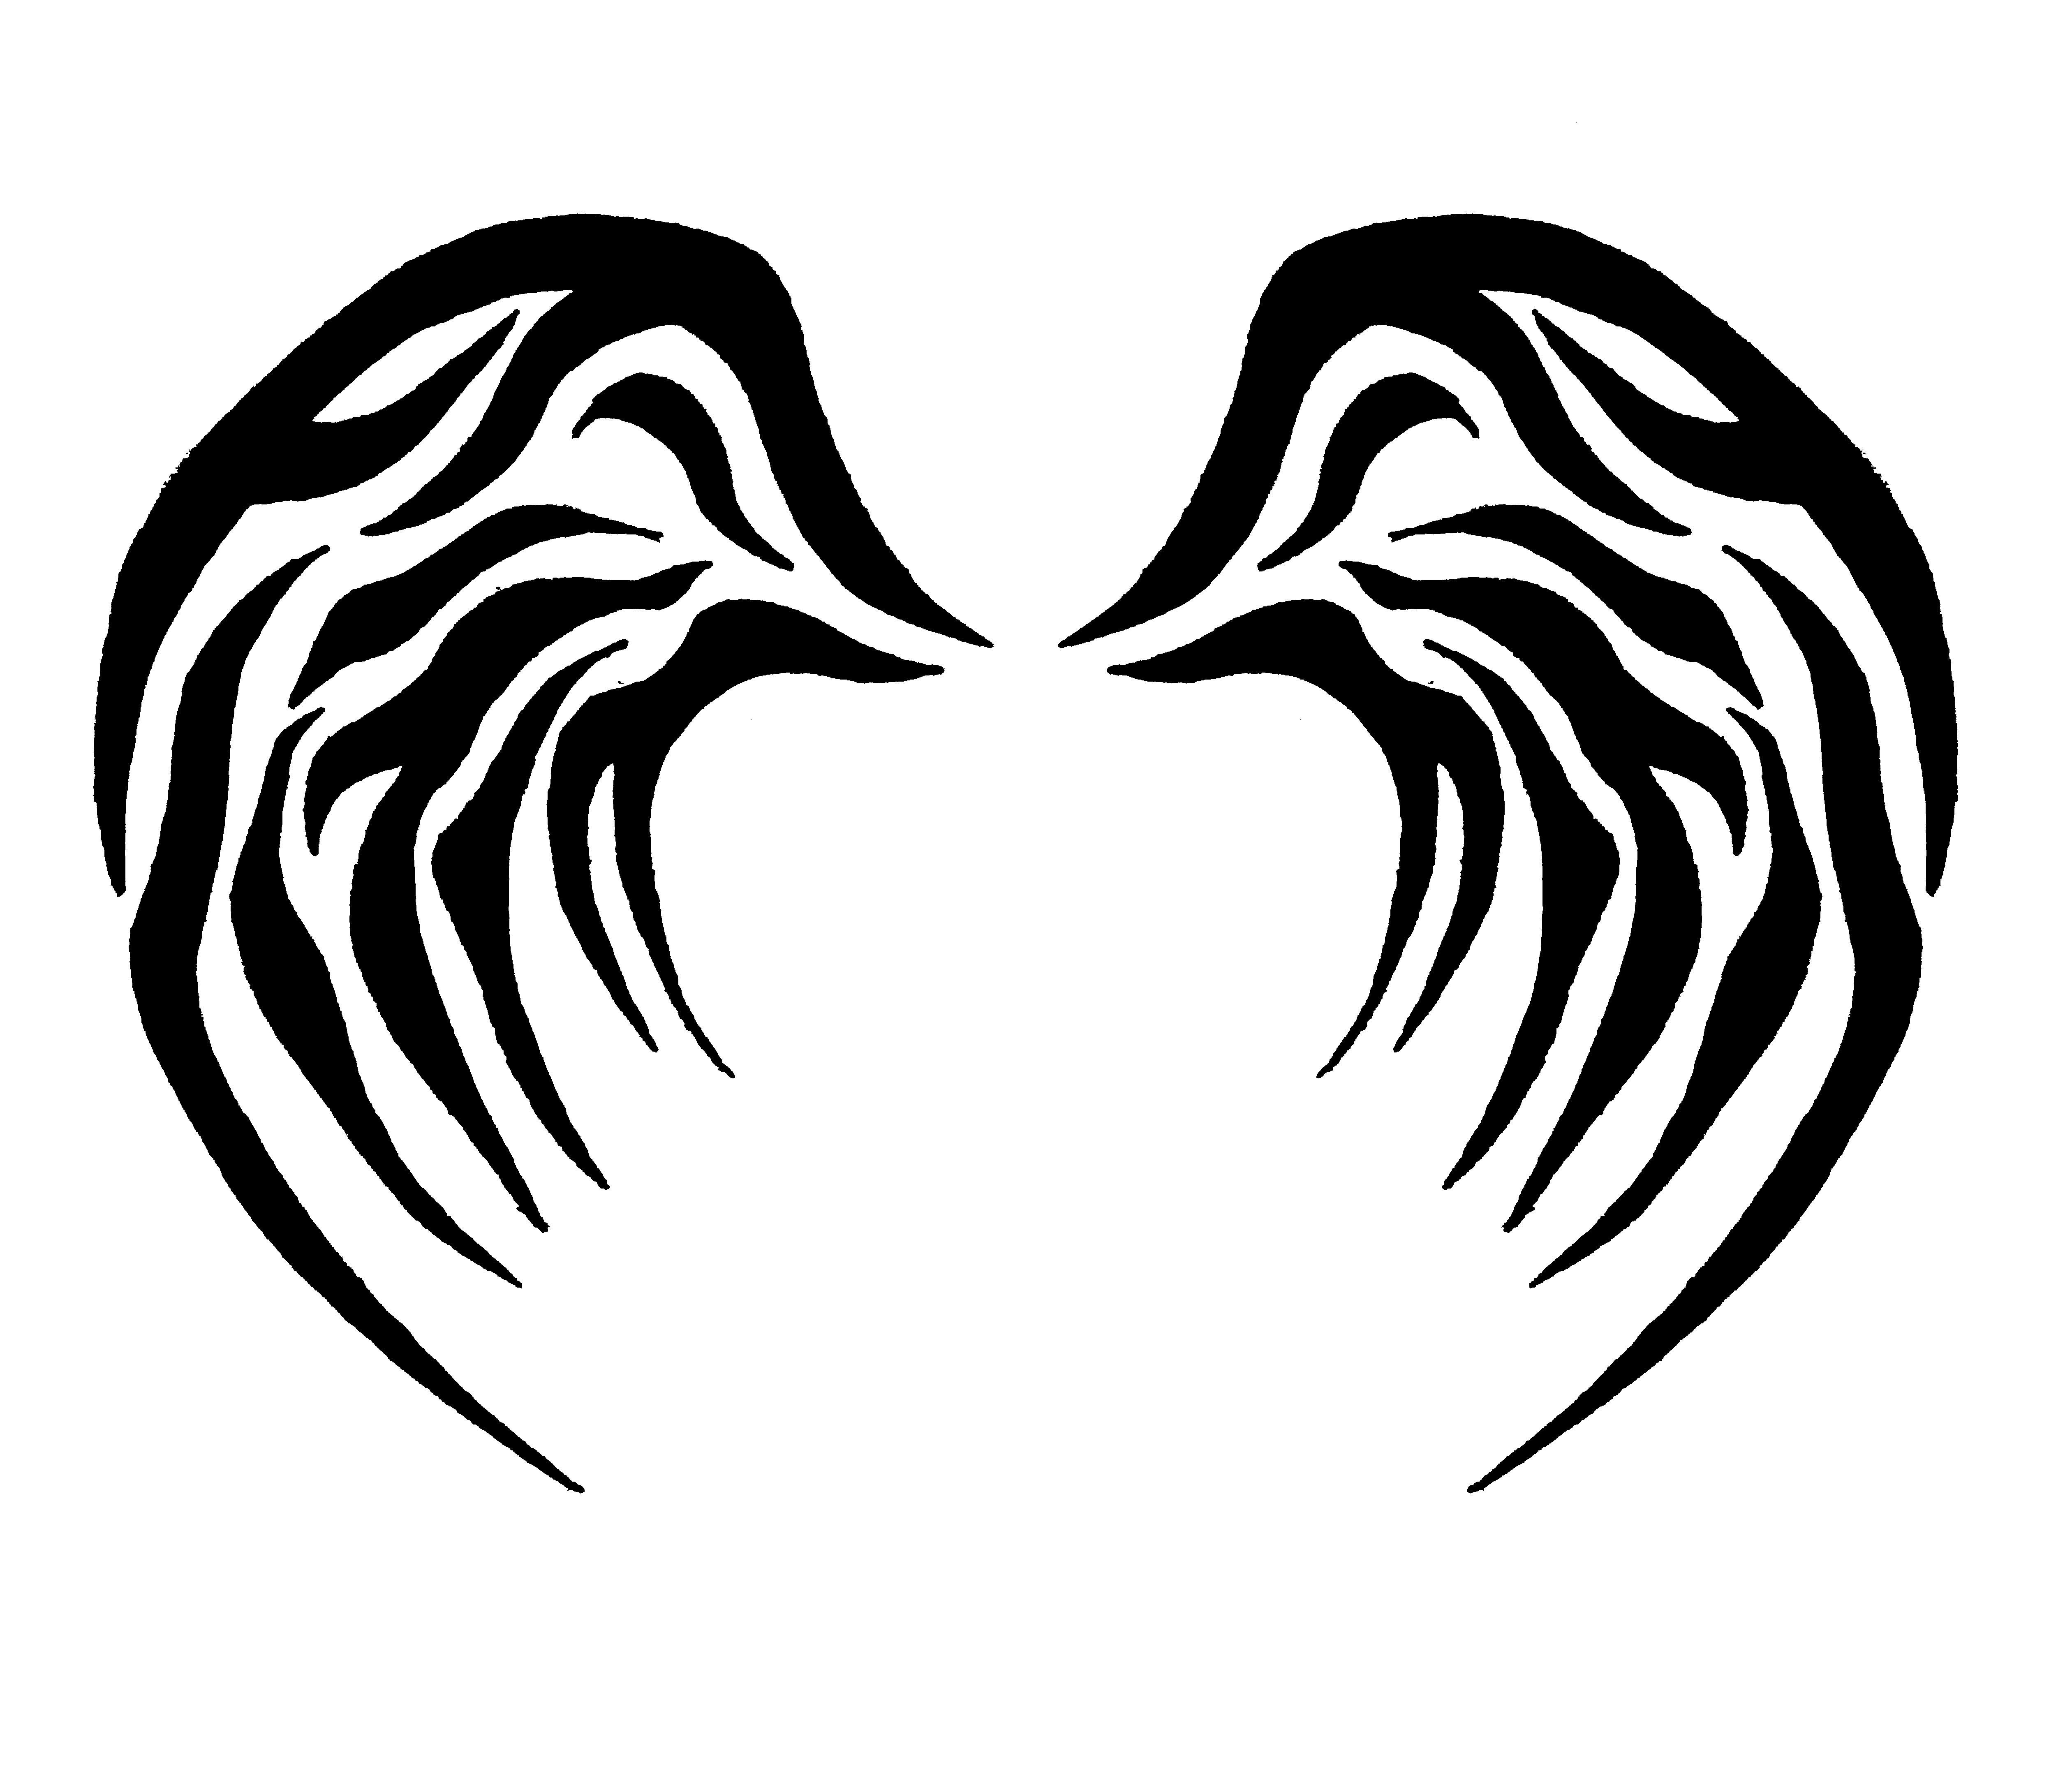 tribal wings 2 by jaytori129 on DeviantArt